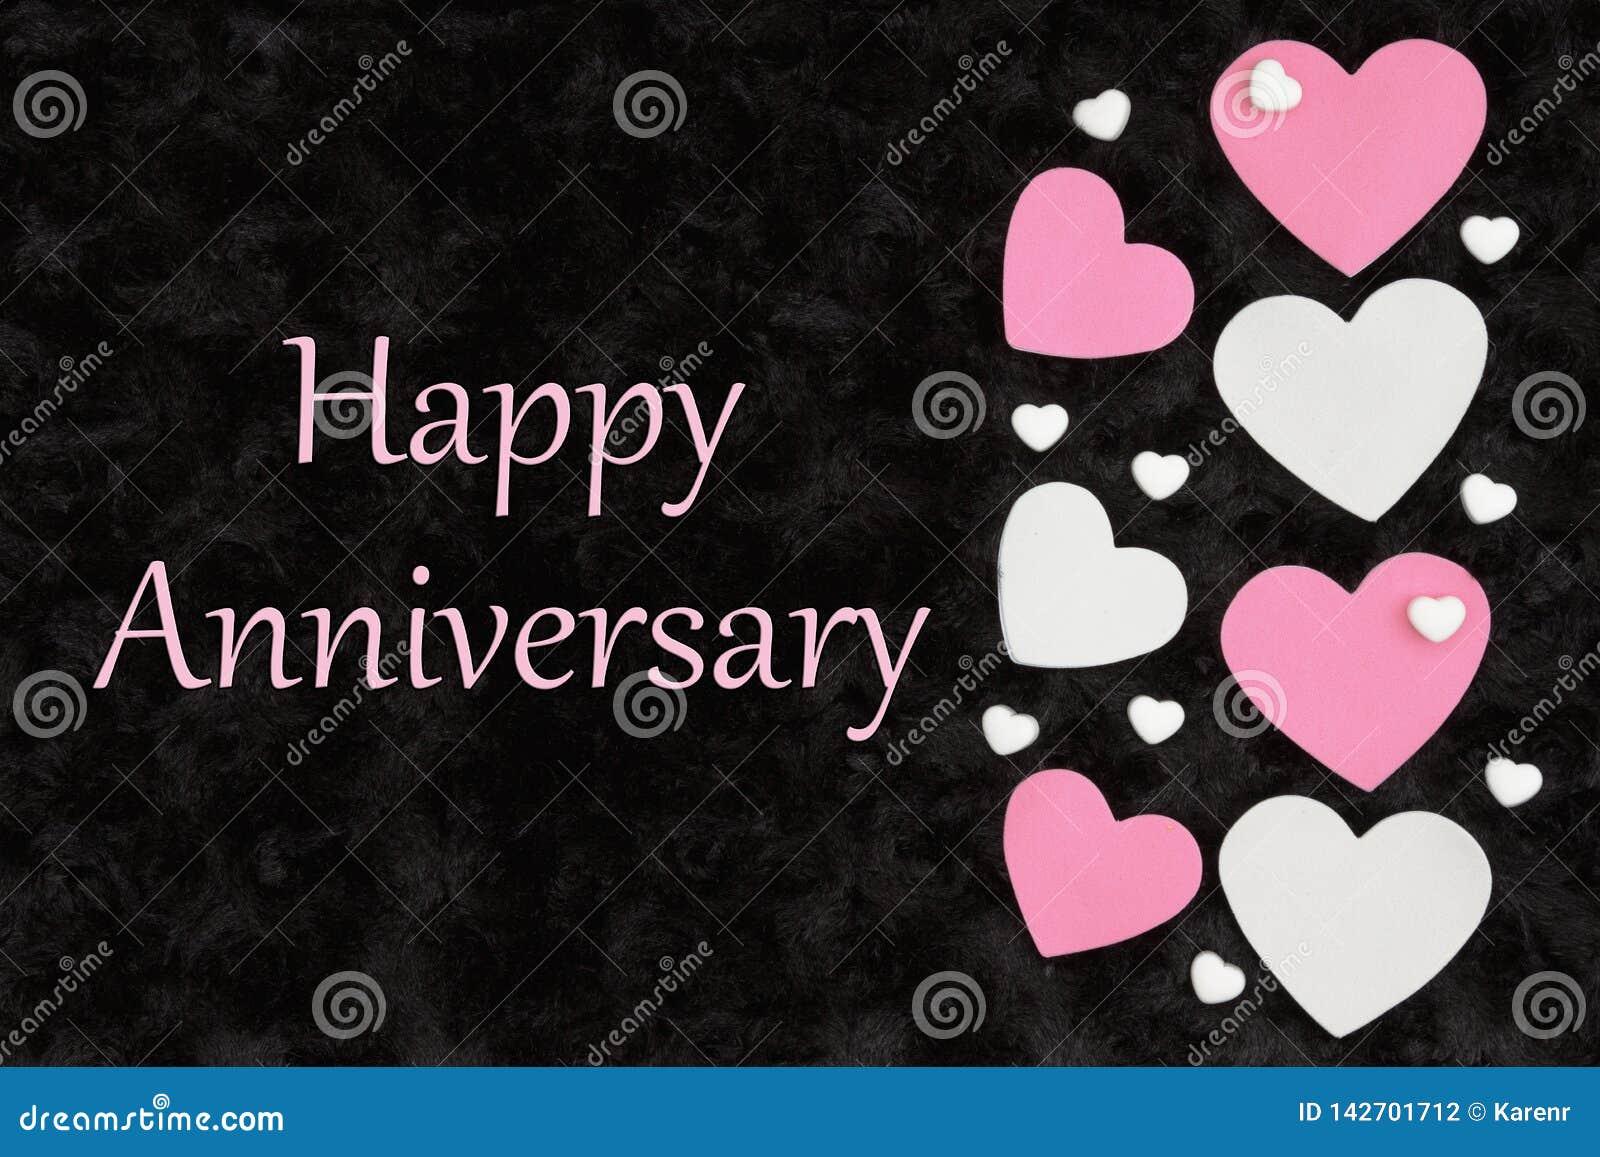 Gelukkige Verjaardagsgroet met witte en roze harten met suikergoedharten op zwarte